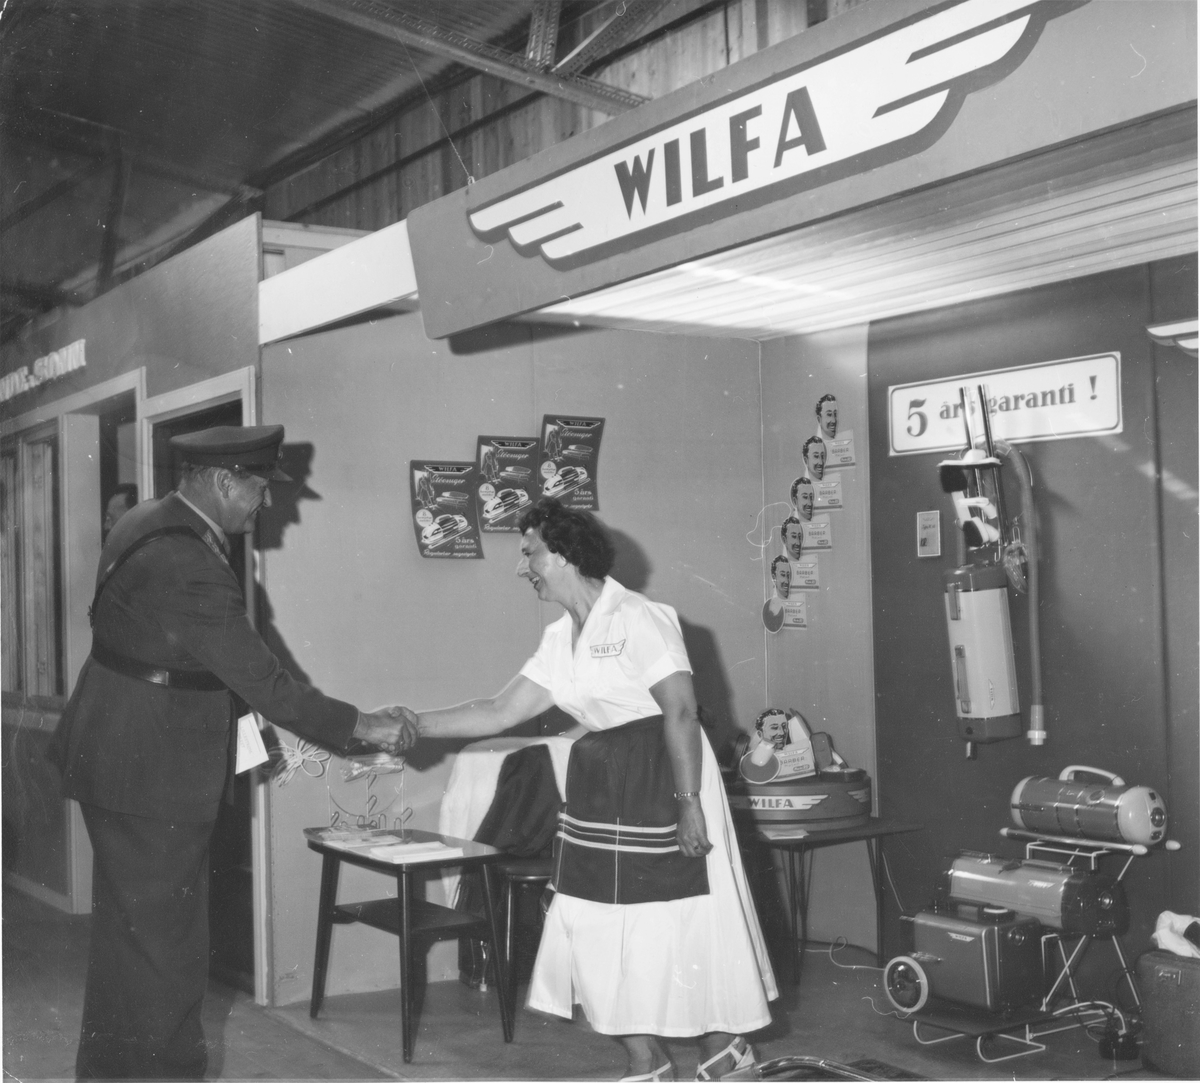 Kong Olav hilser på en dame som står på Wilfa sin stand i forbindelse med en firmautstilling / varerepresentasjon.